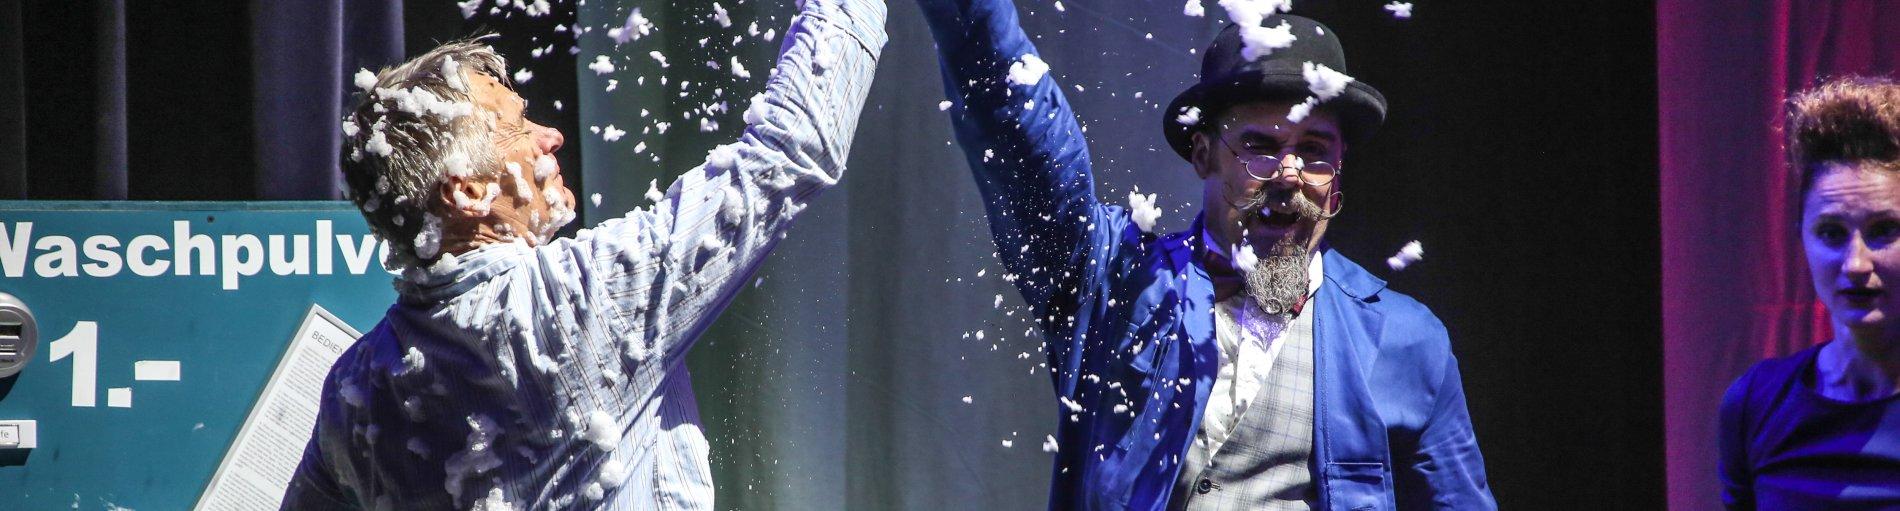 Zwei Schauspieler schlagen sich in die Hände mit Seifenschaum.